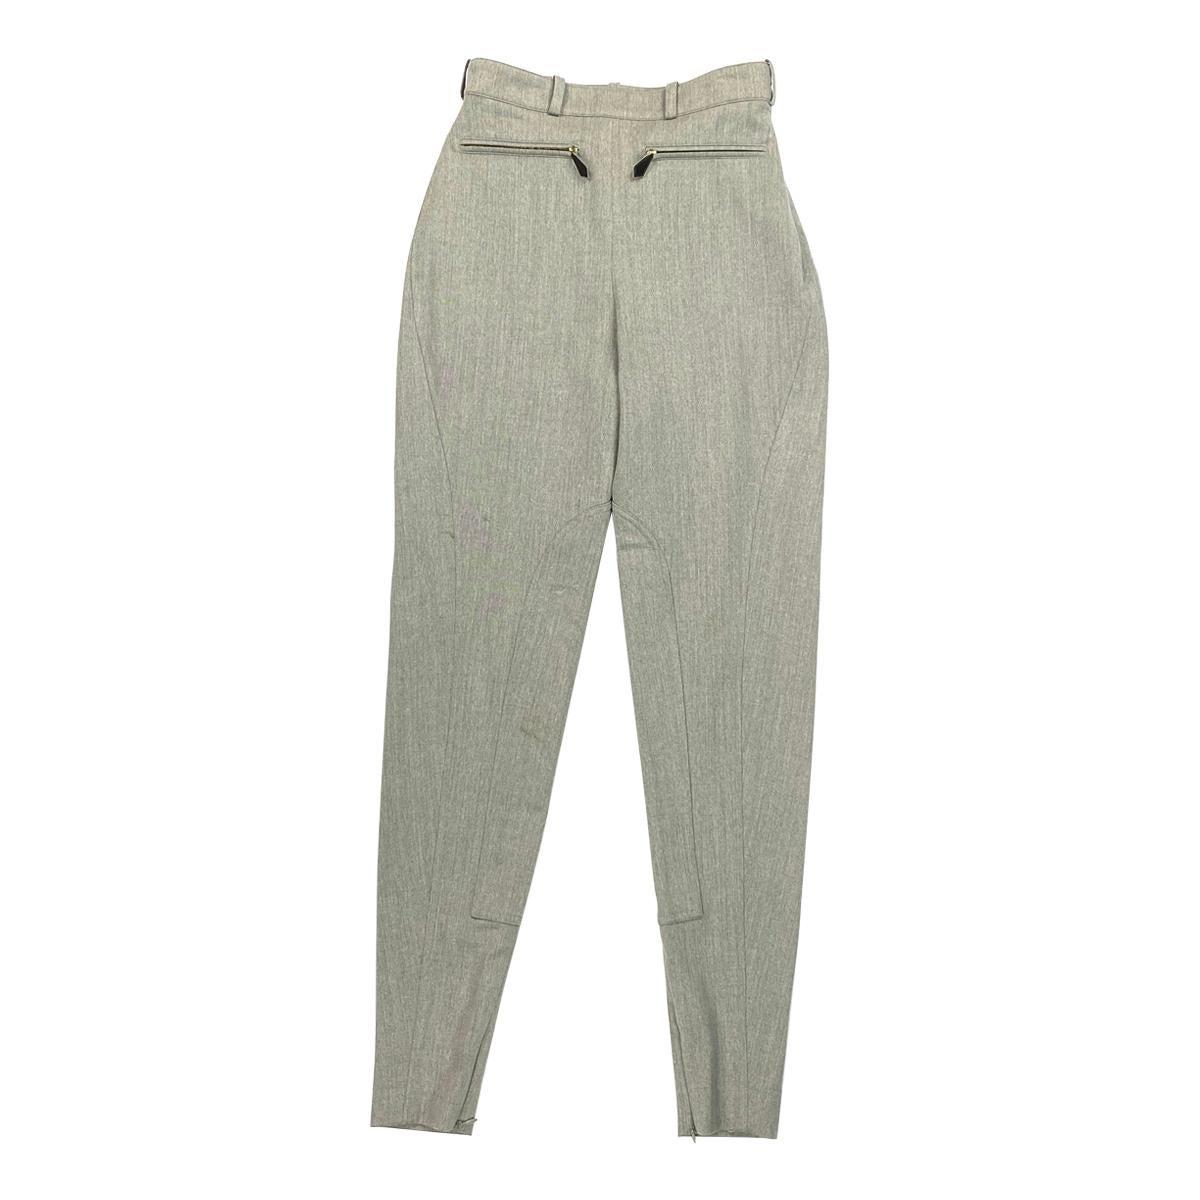 Vintage Hermes Grey Wool Riding Skinny Leggings Pants Size 38